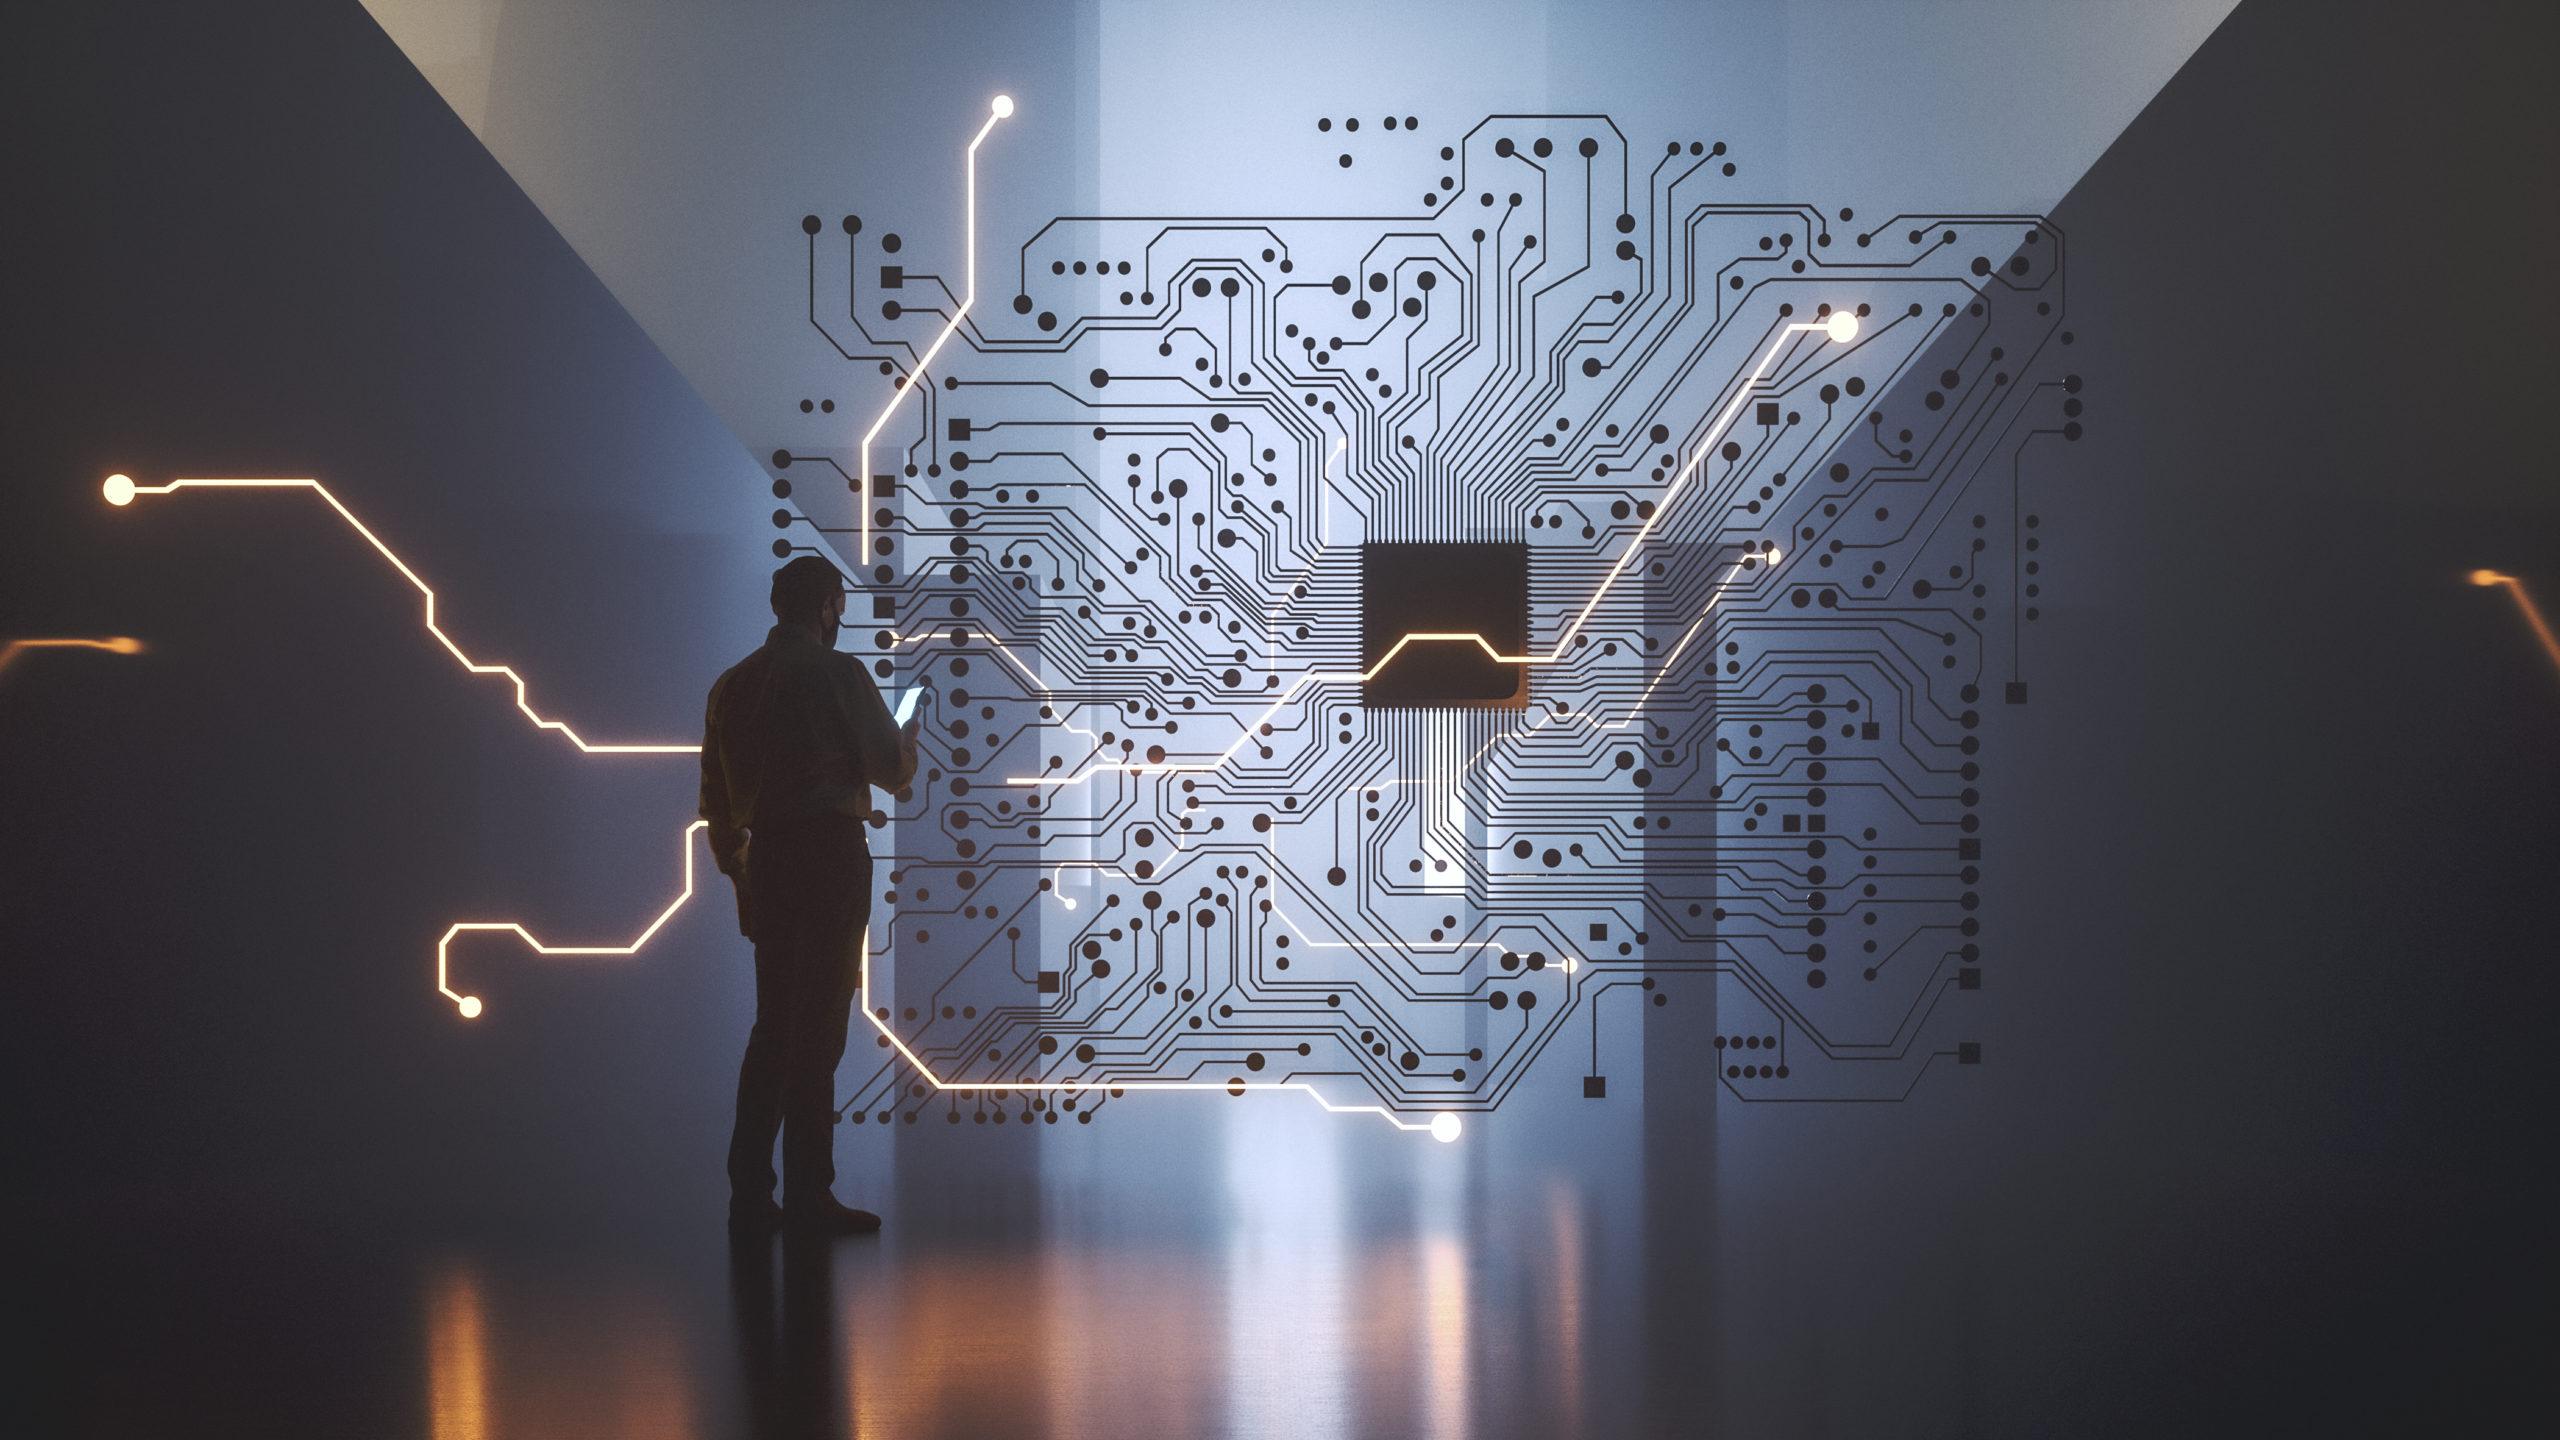 Segurança Cibernética: o que é e por que você deve ficar de olho nessa tendência